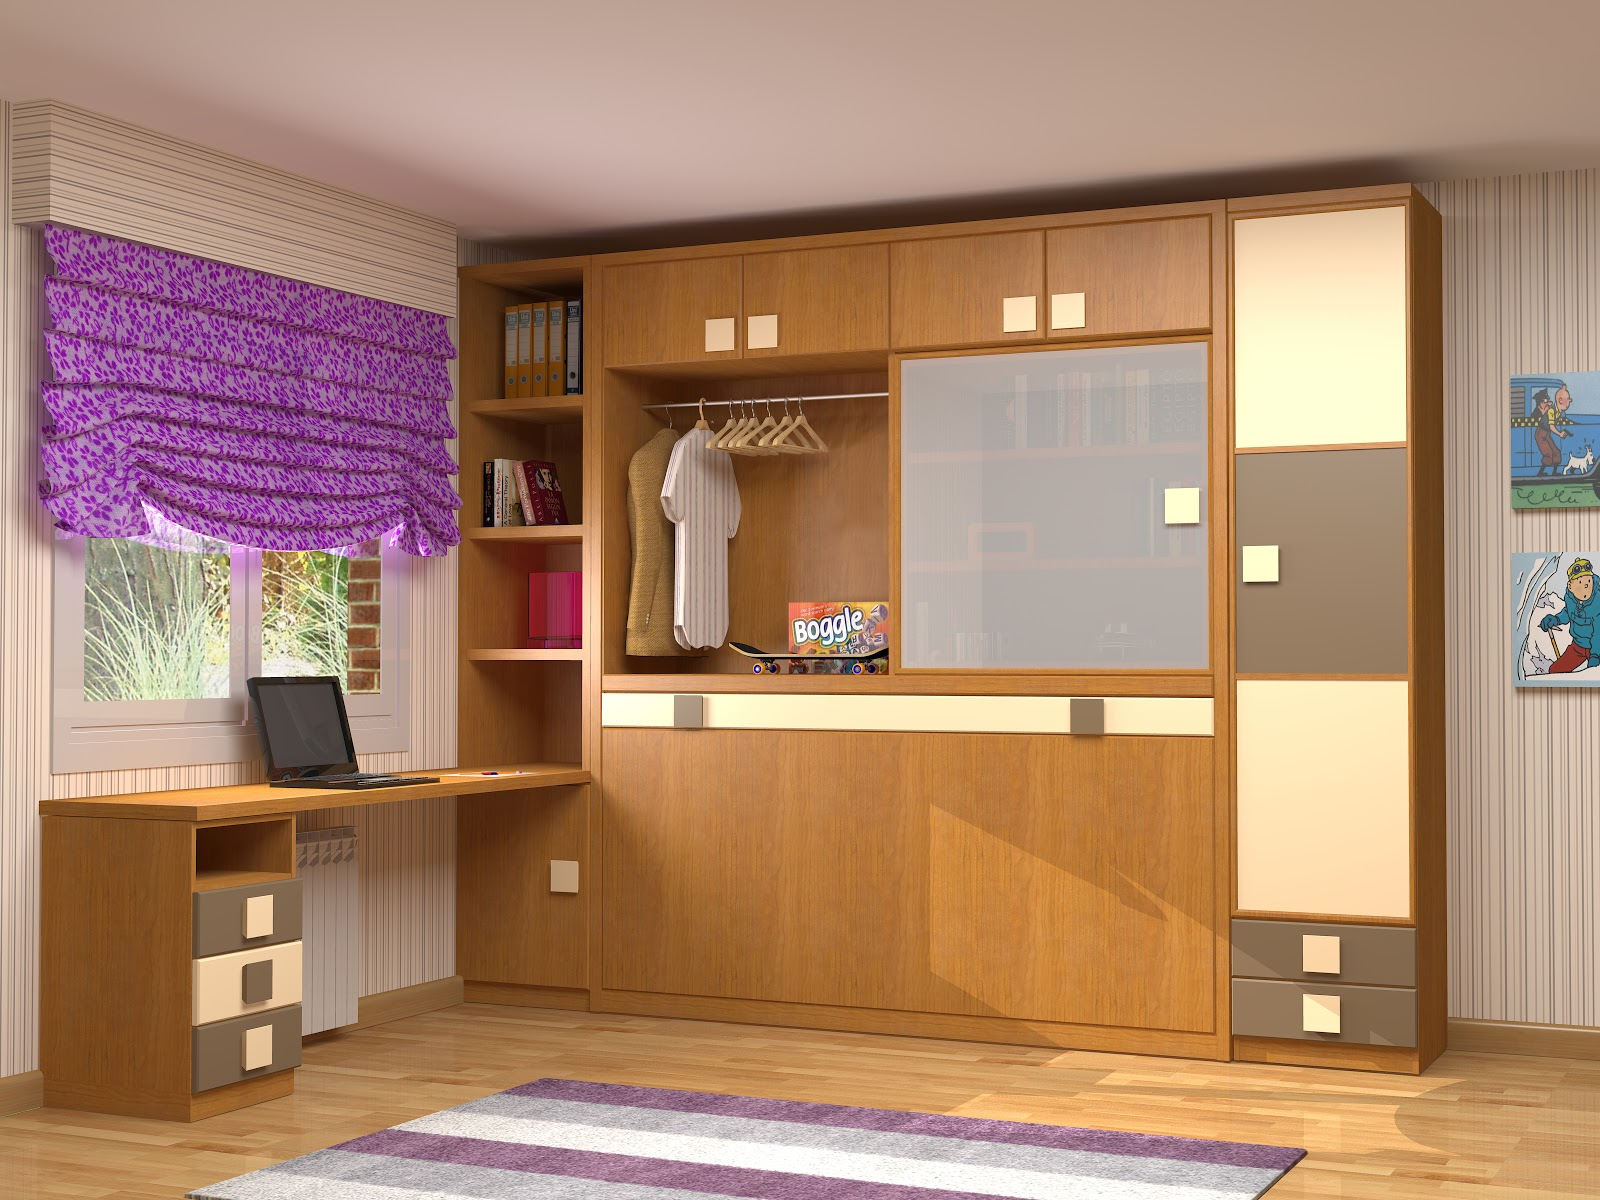 Muebles juveniles dormitorios infantiles y habitaciones - Correderas para muebles ...